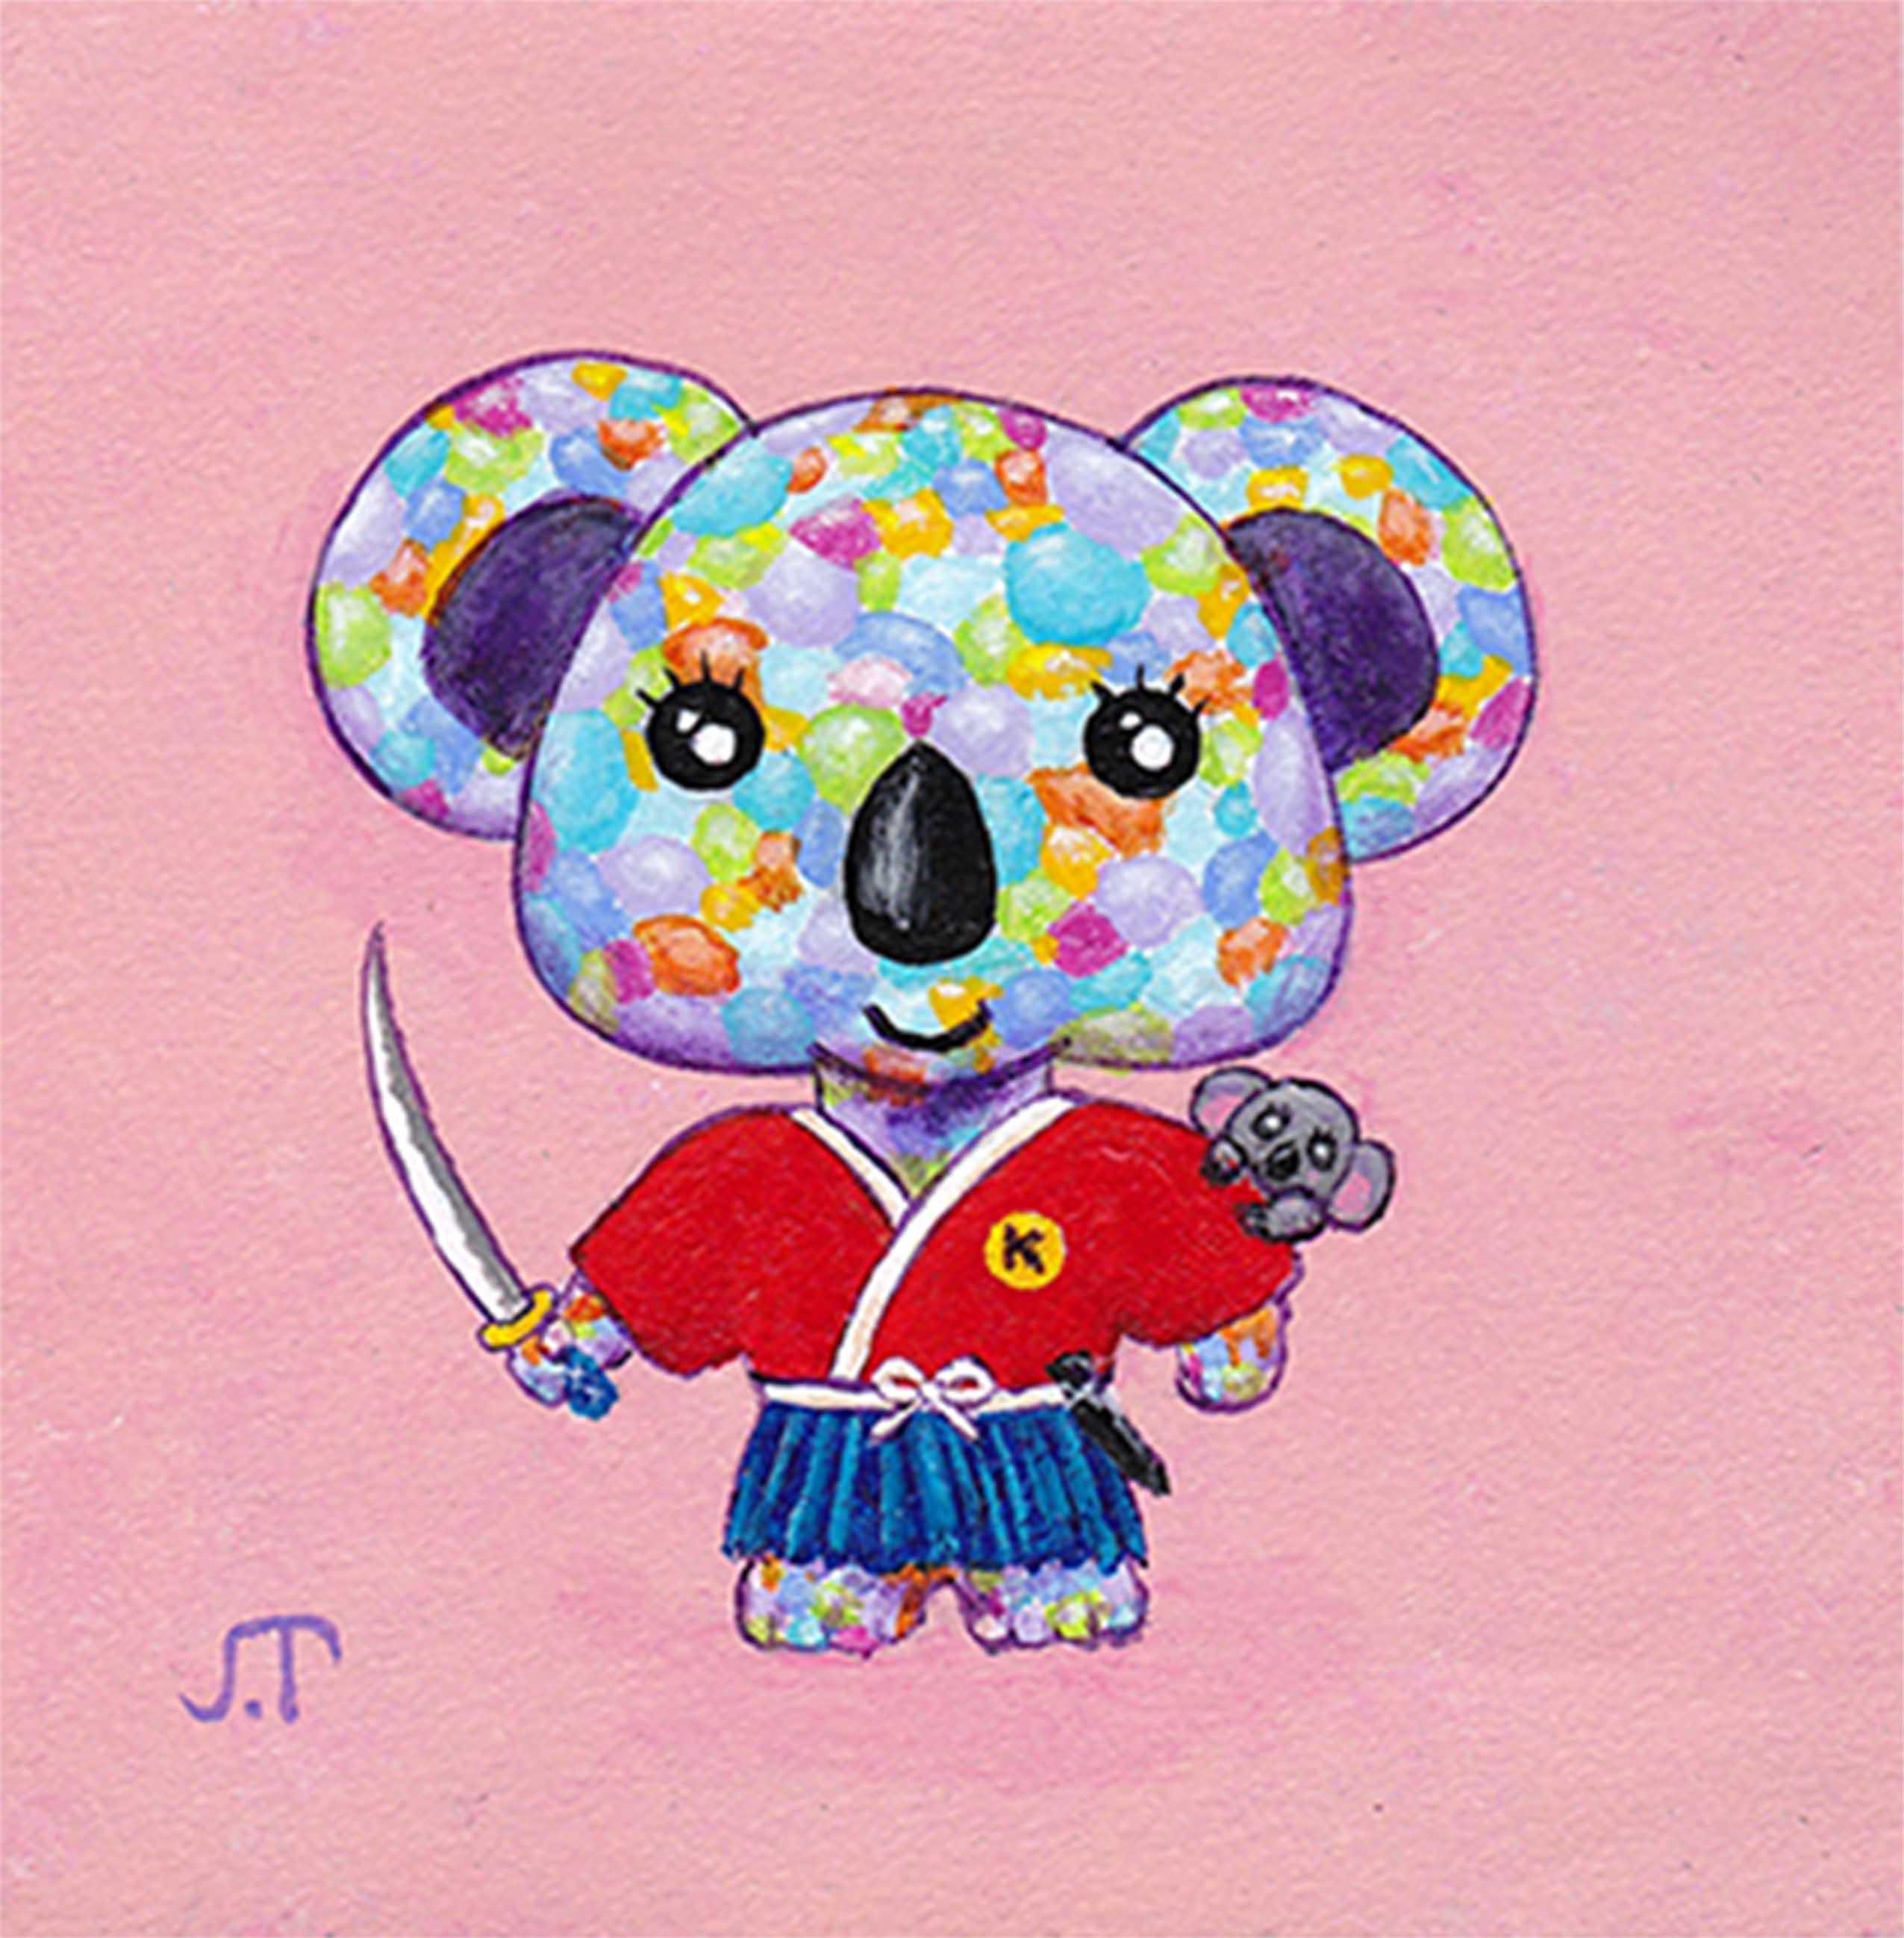 コアラ侍(Koala Samurai)